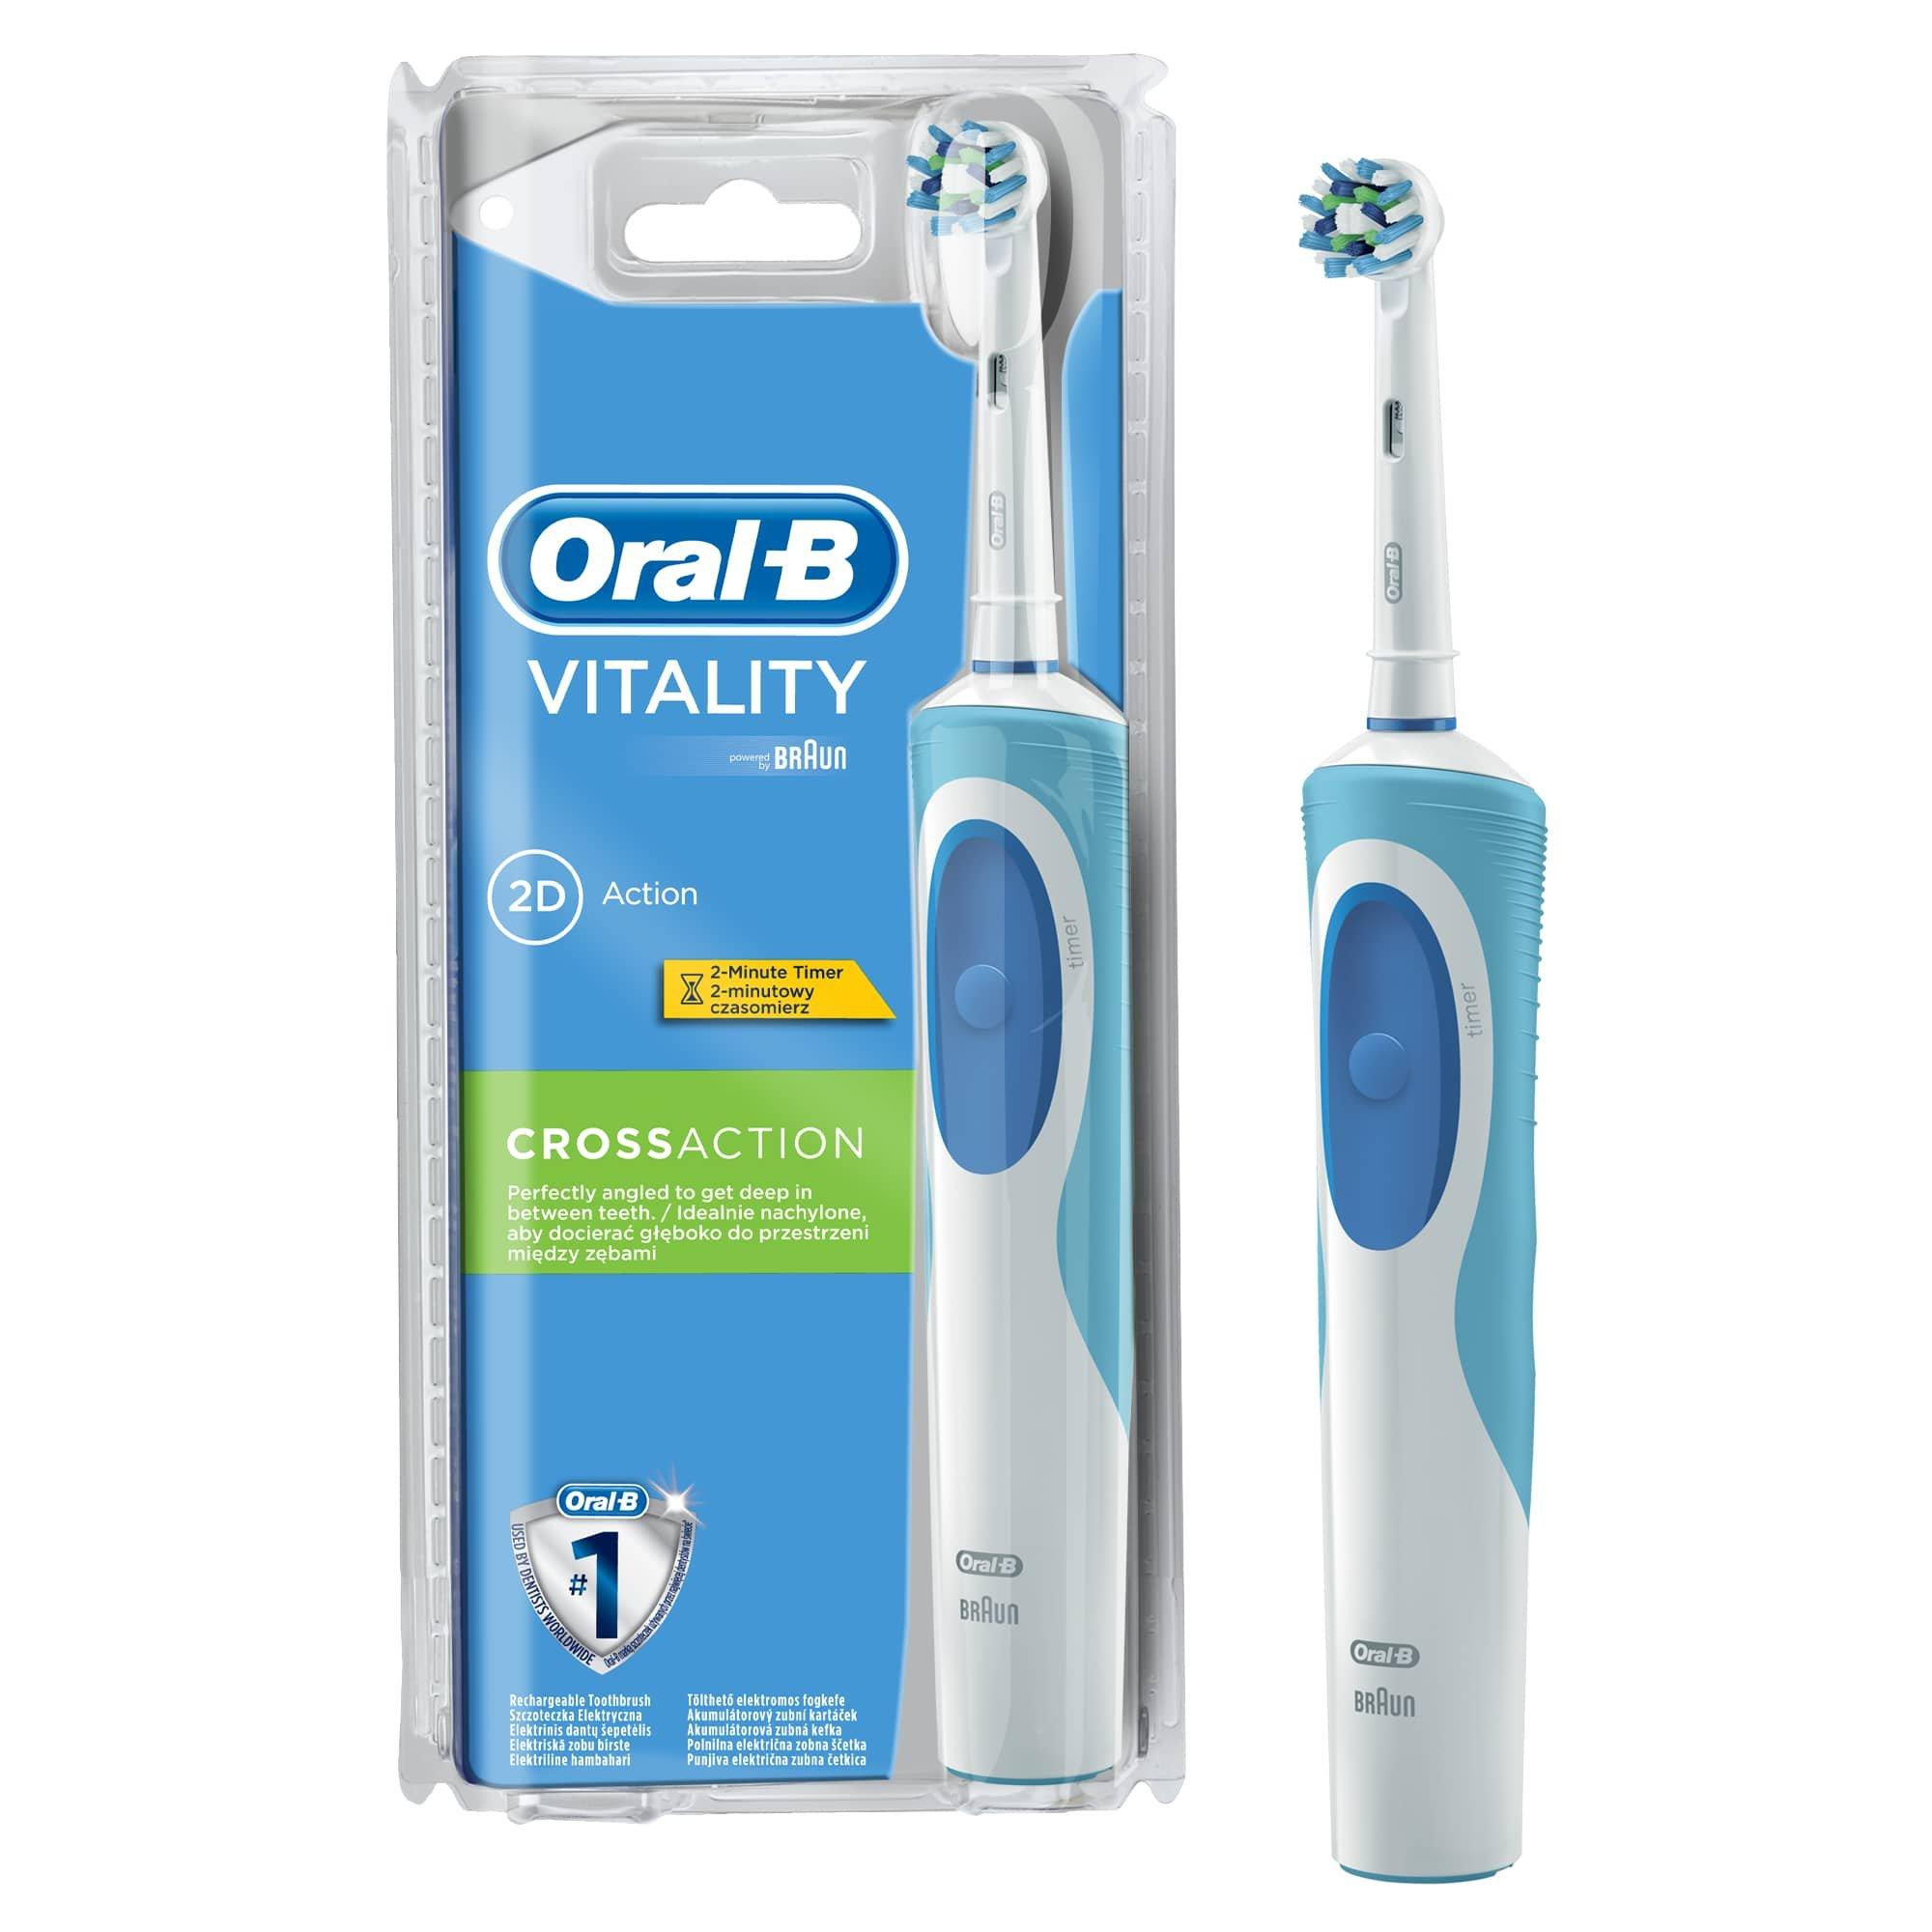 Oral-B Vitality CrossAction - Brosse à Dents Électrique Rechargeable - Minuteur Intégré CrossAction product image